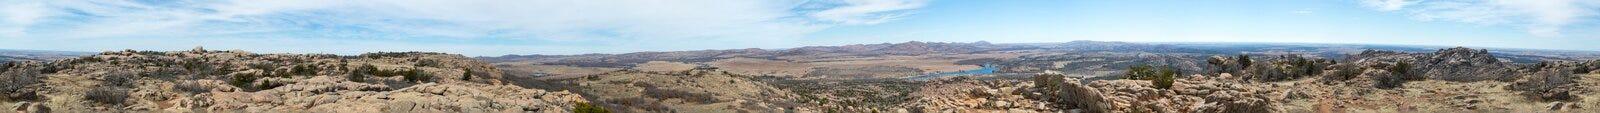 Панорама горной вершины стоковые изображения